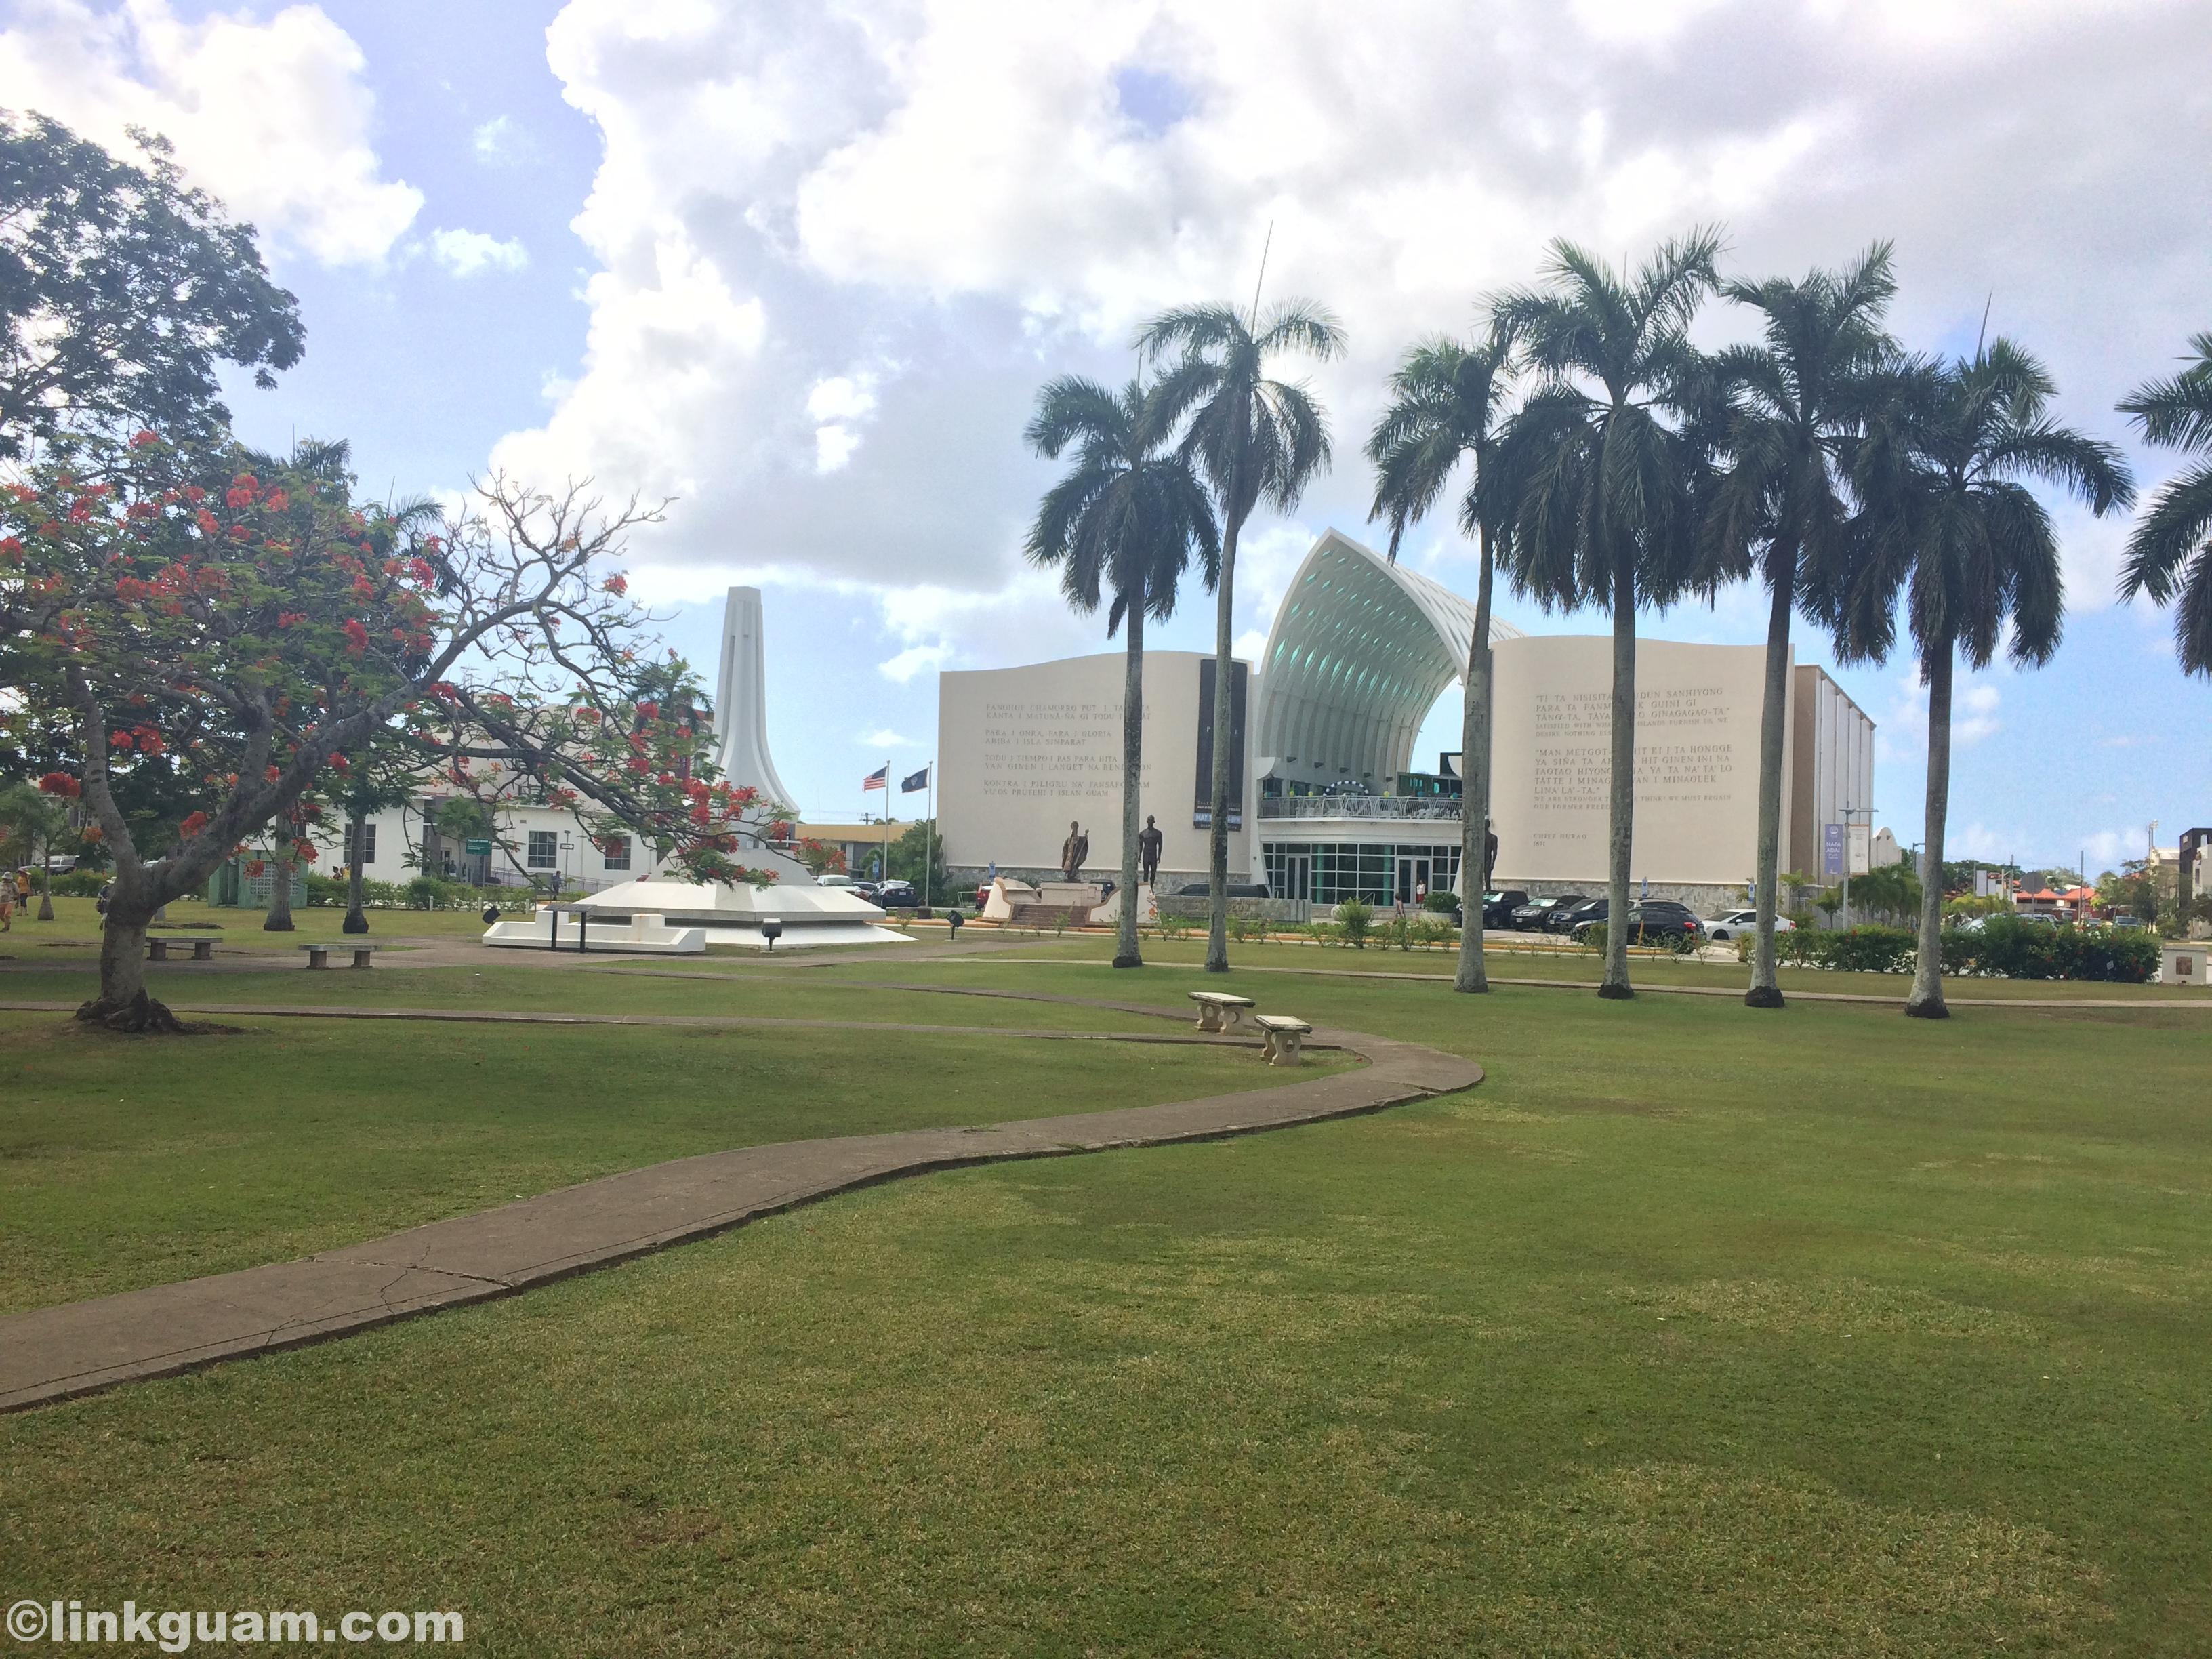 グアム 観光 ハガニア スペイン広場